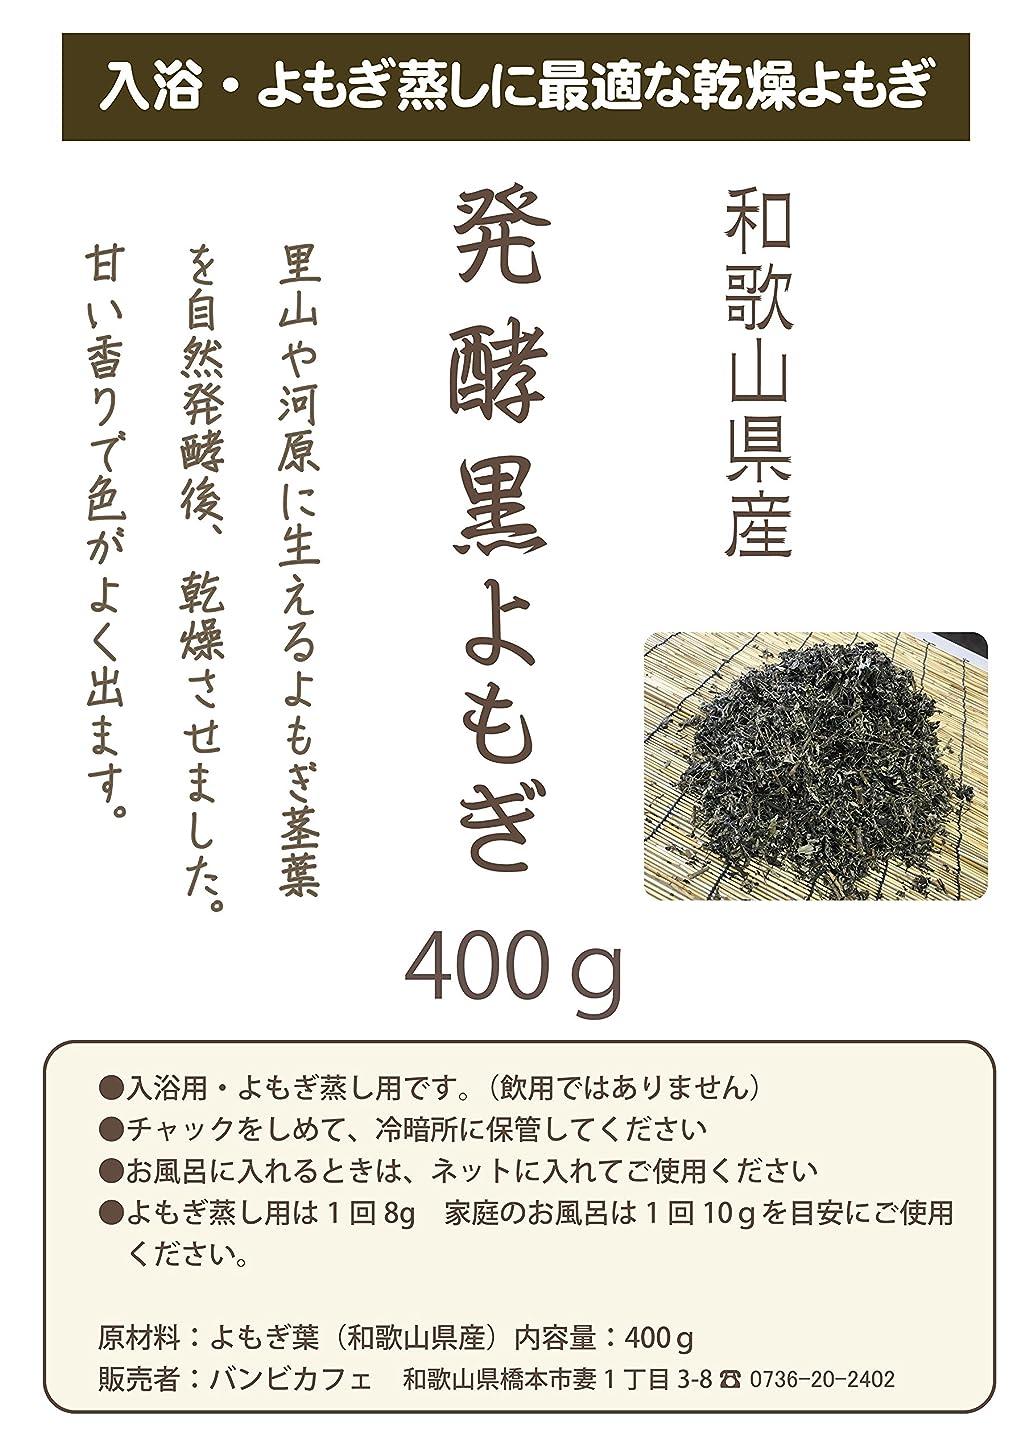 香港ペデスタルウェイトレス発酵黒よもぎ 400g 乾燥 和歌山県産 入浴用に特化発酵 黒 よもぎ